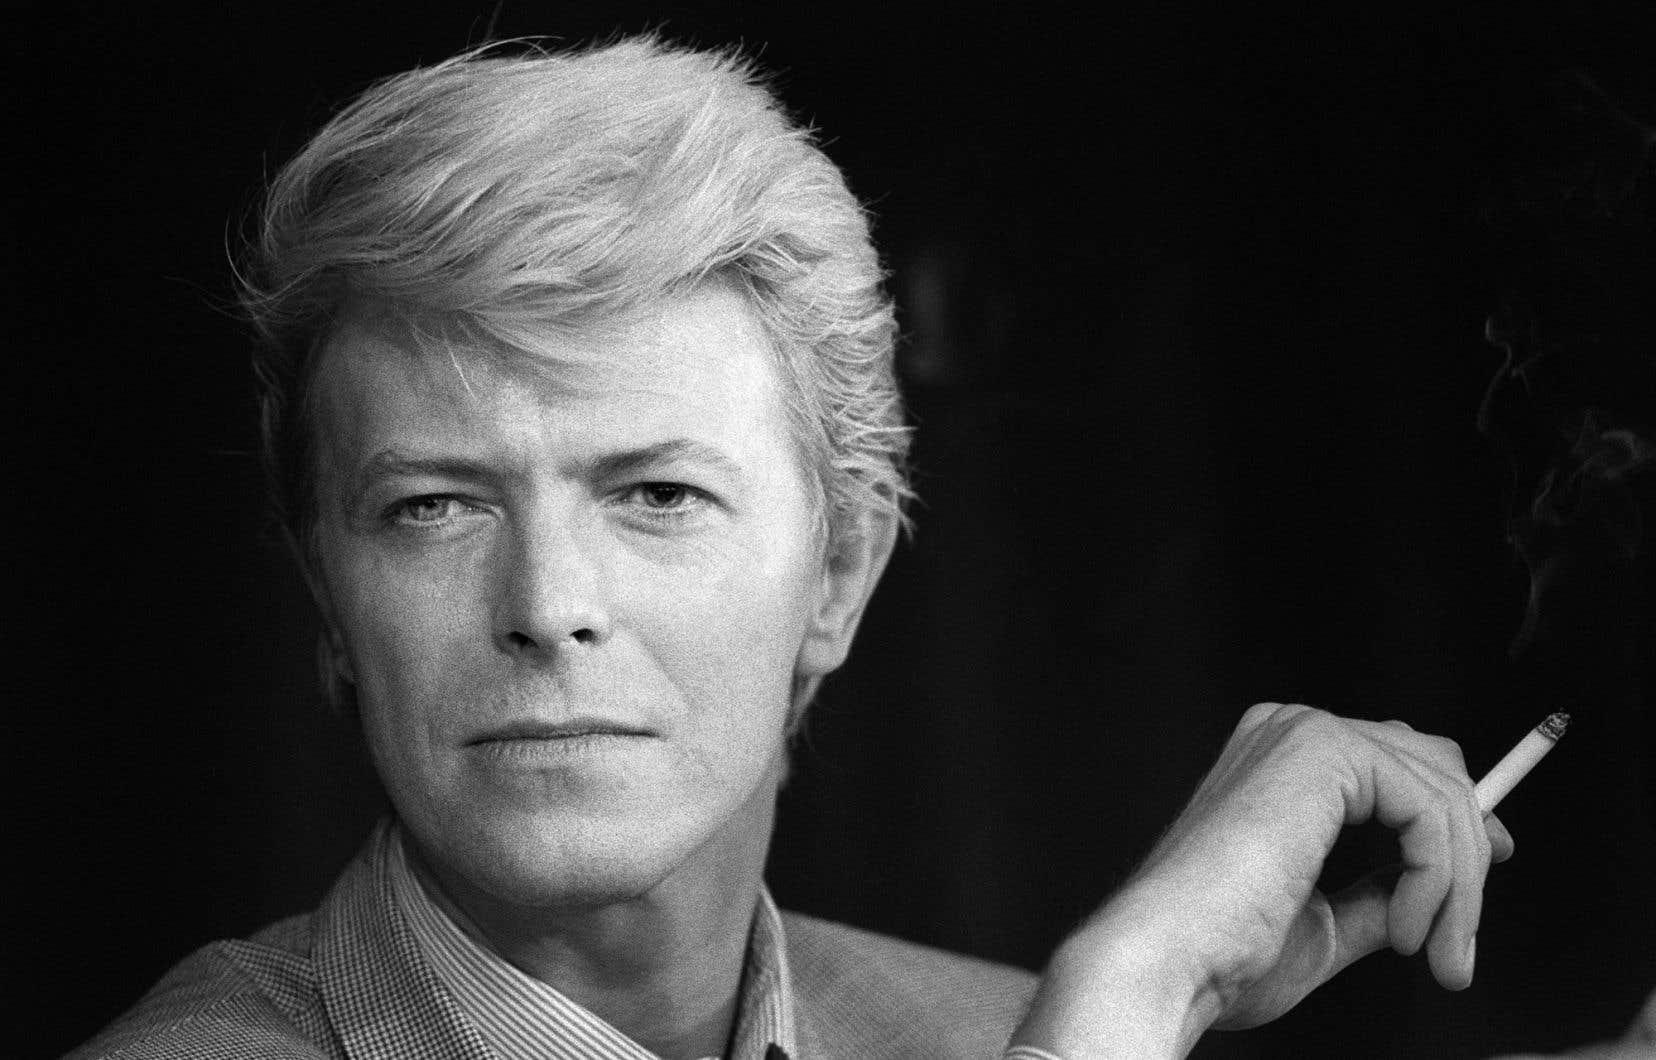 David Bowie en mai 1983 au Festival de Cannes pour présenter le film<em>Furyo (Merry christmas Mr. Lawrence)</em>, où il jouait le rôle principal.